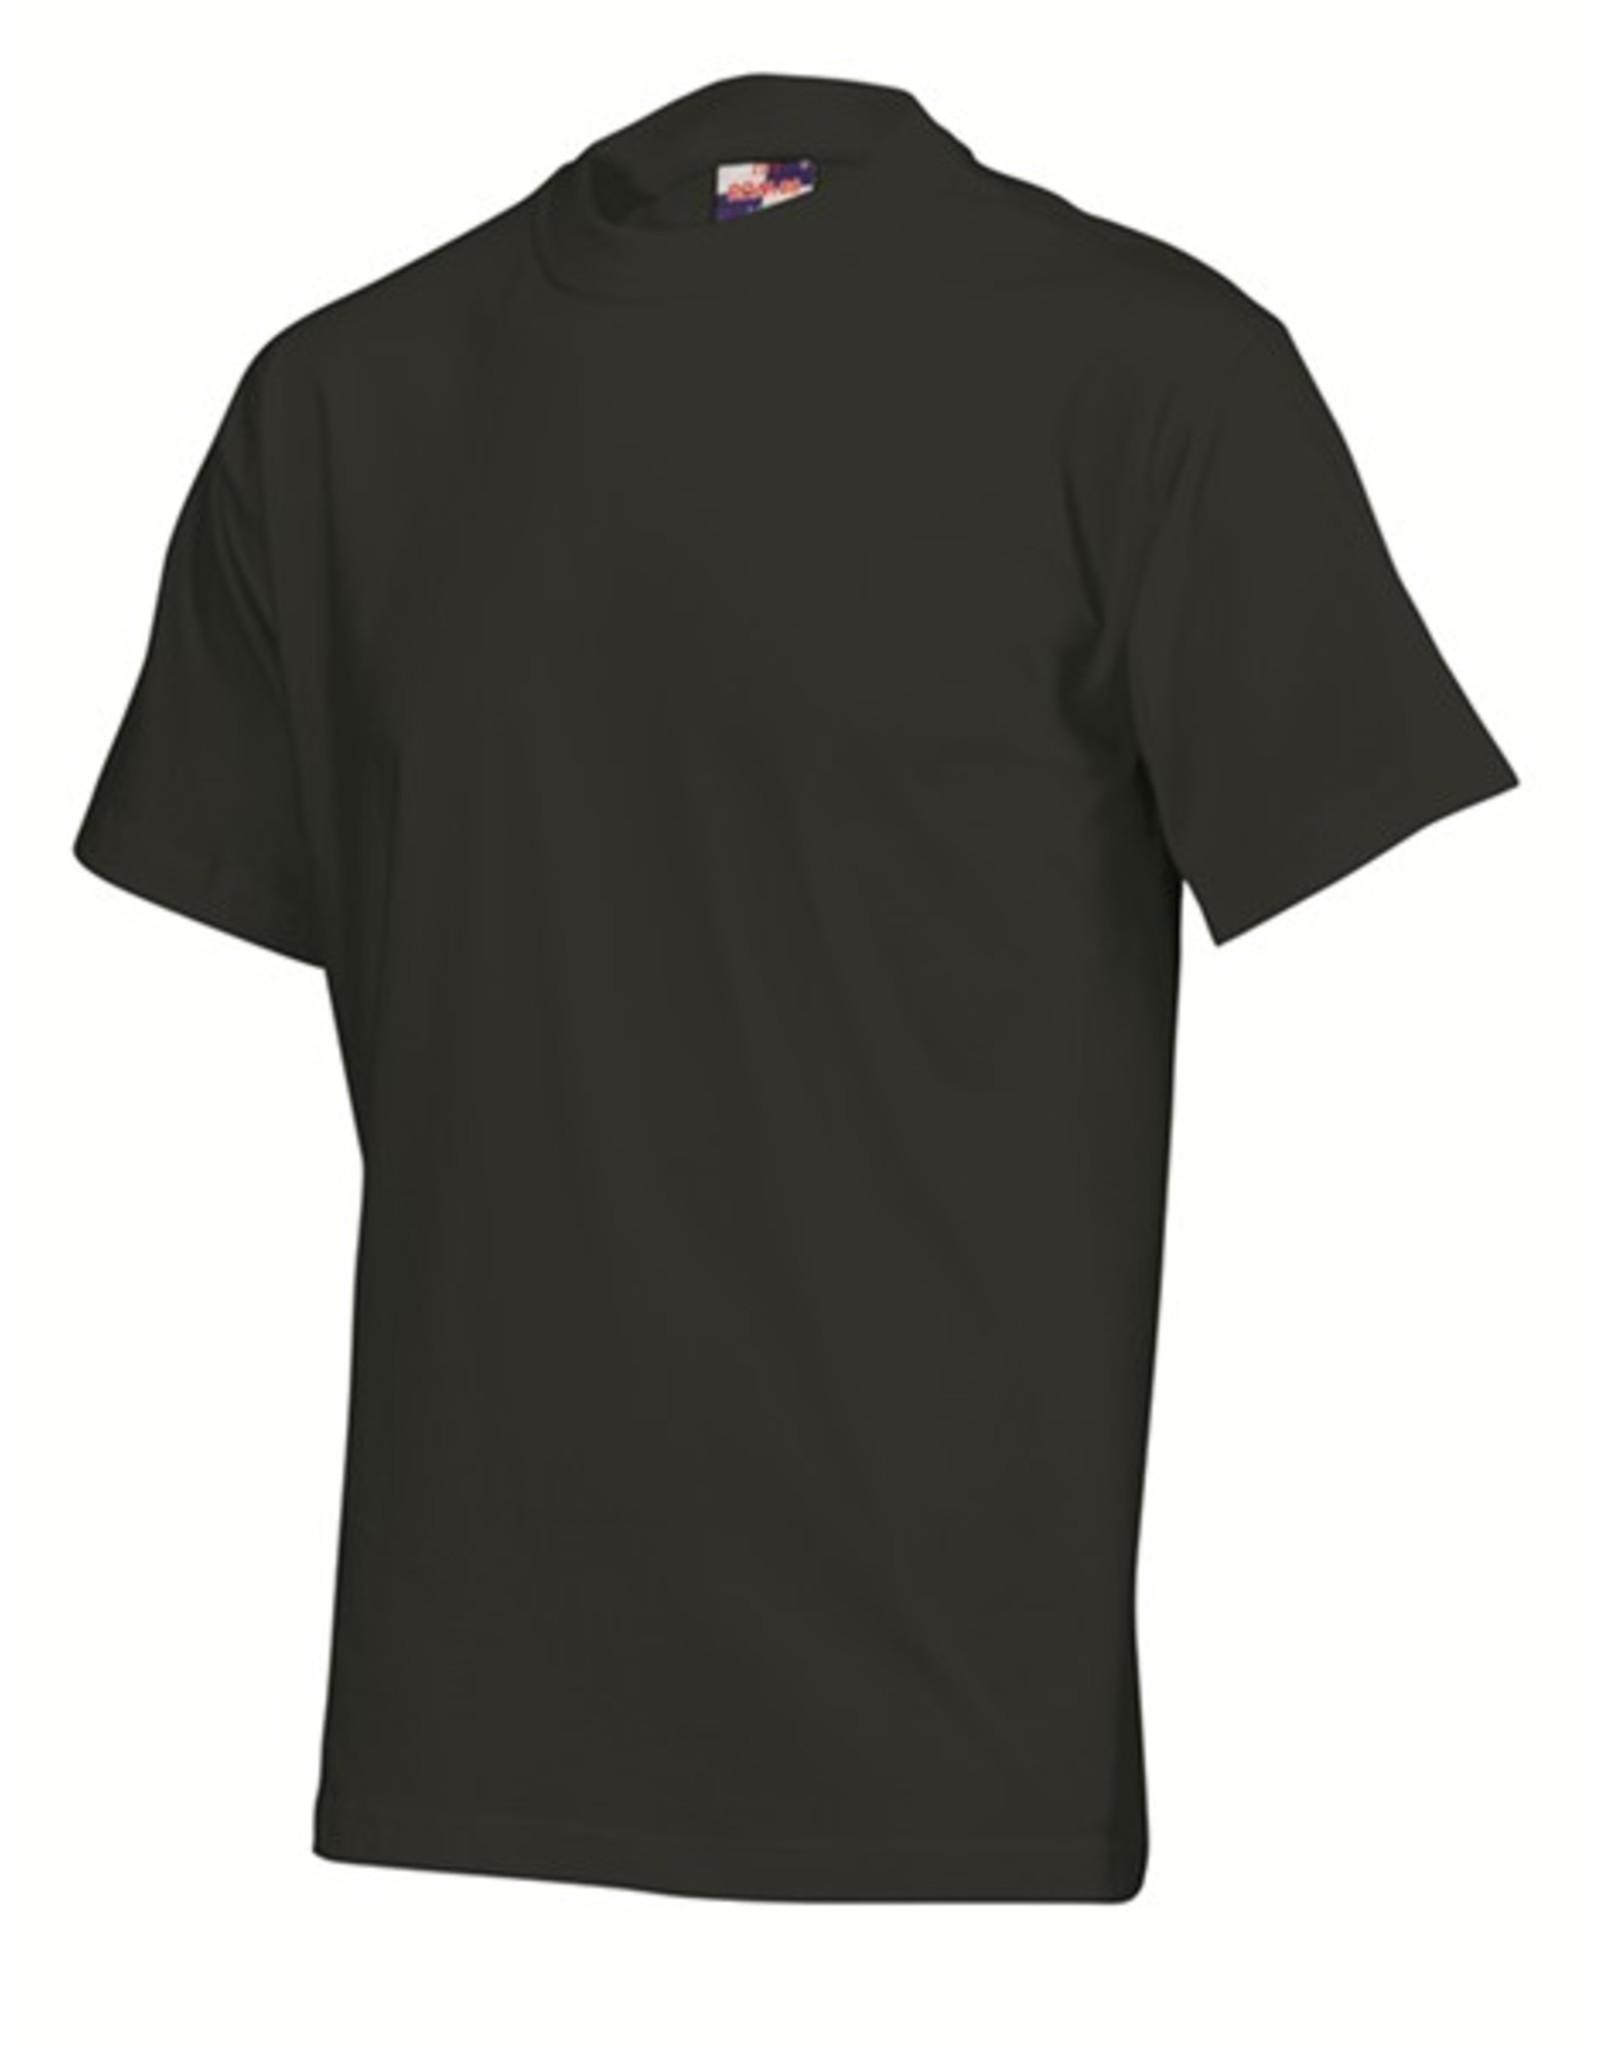 Tricorp T-shirt T-190 zwart